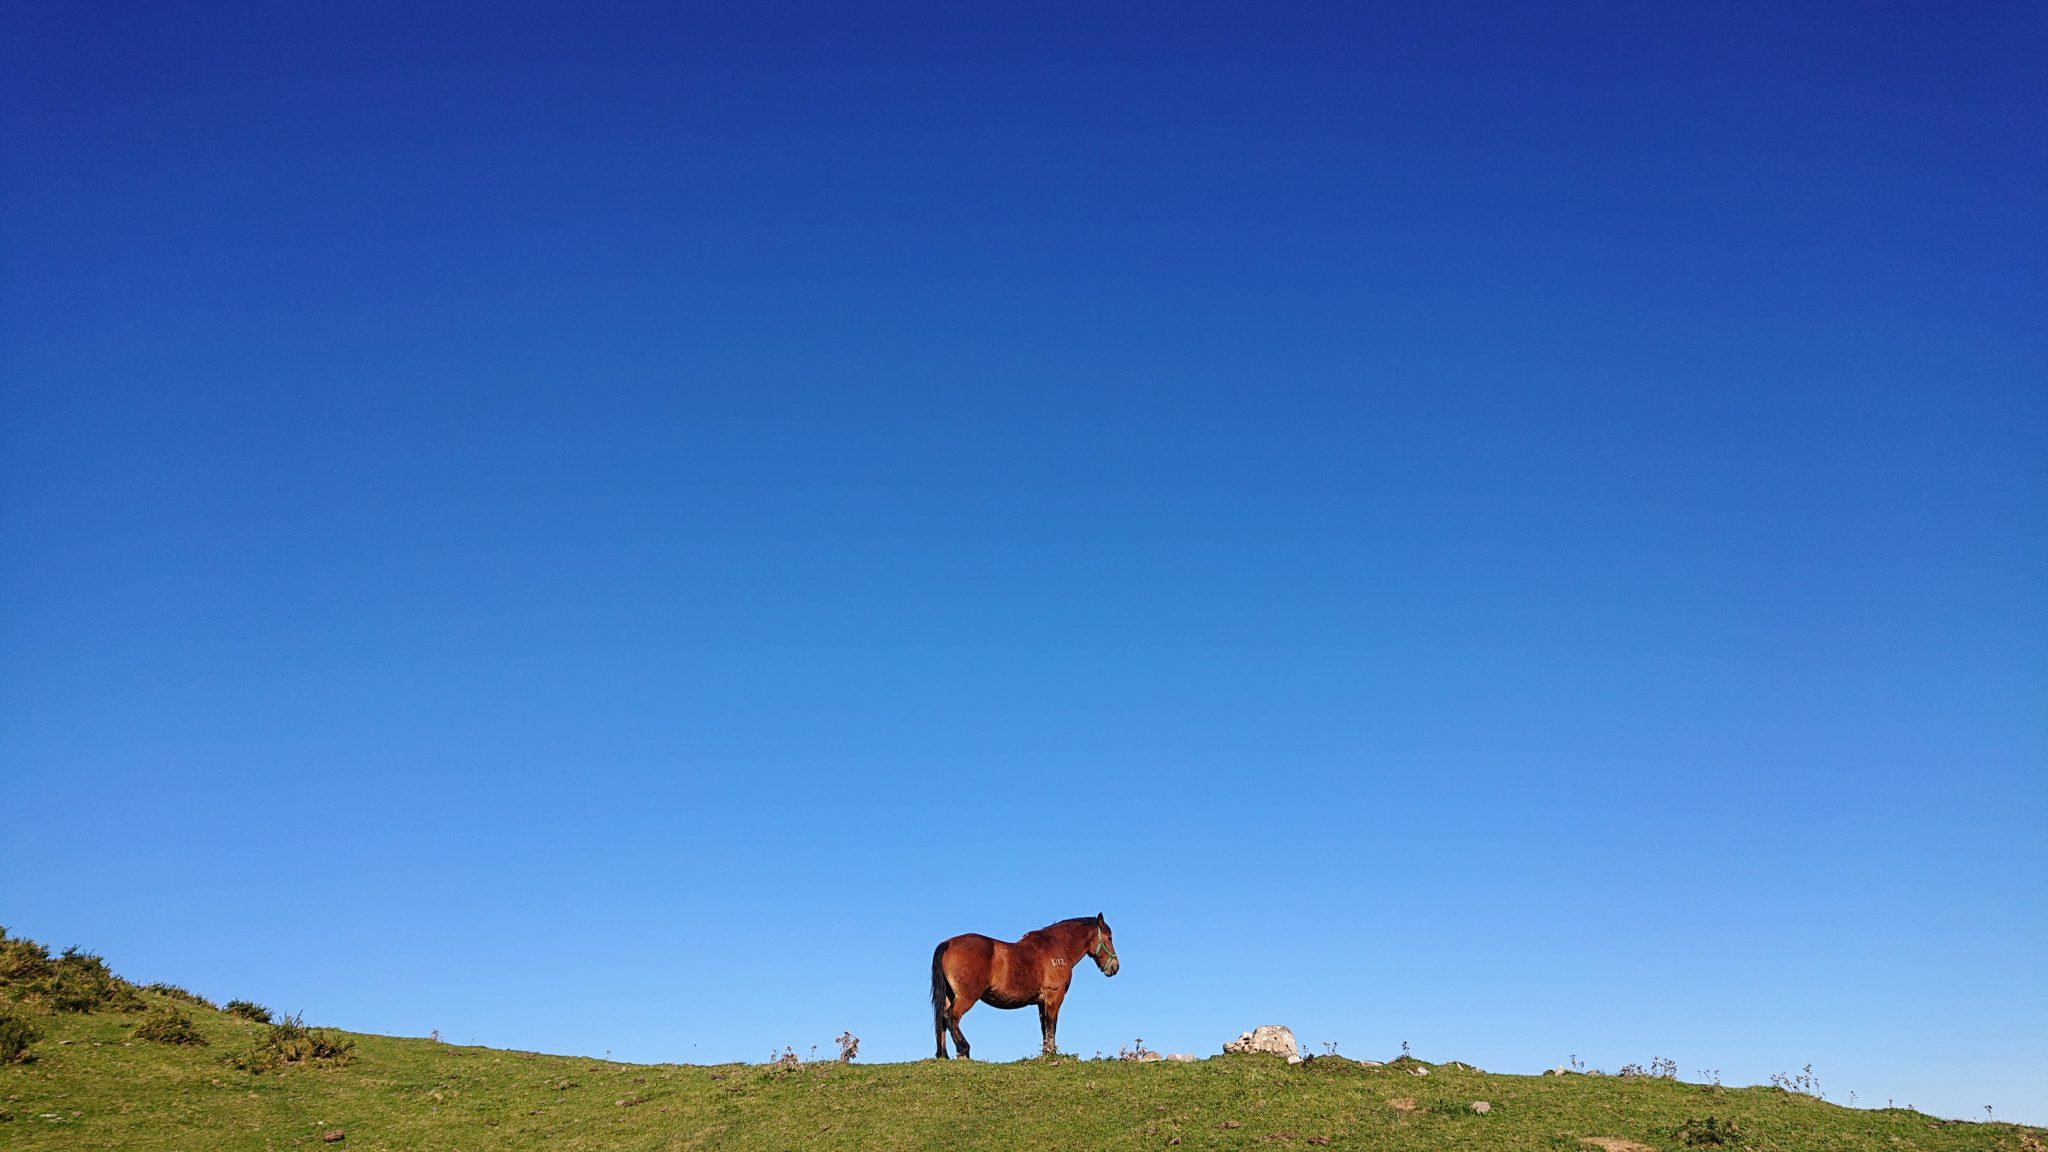 Wanderung Mirador de Ordiales Picos de Europa Spanien, Pferd, blauer wolkenloser Himmel,